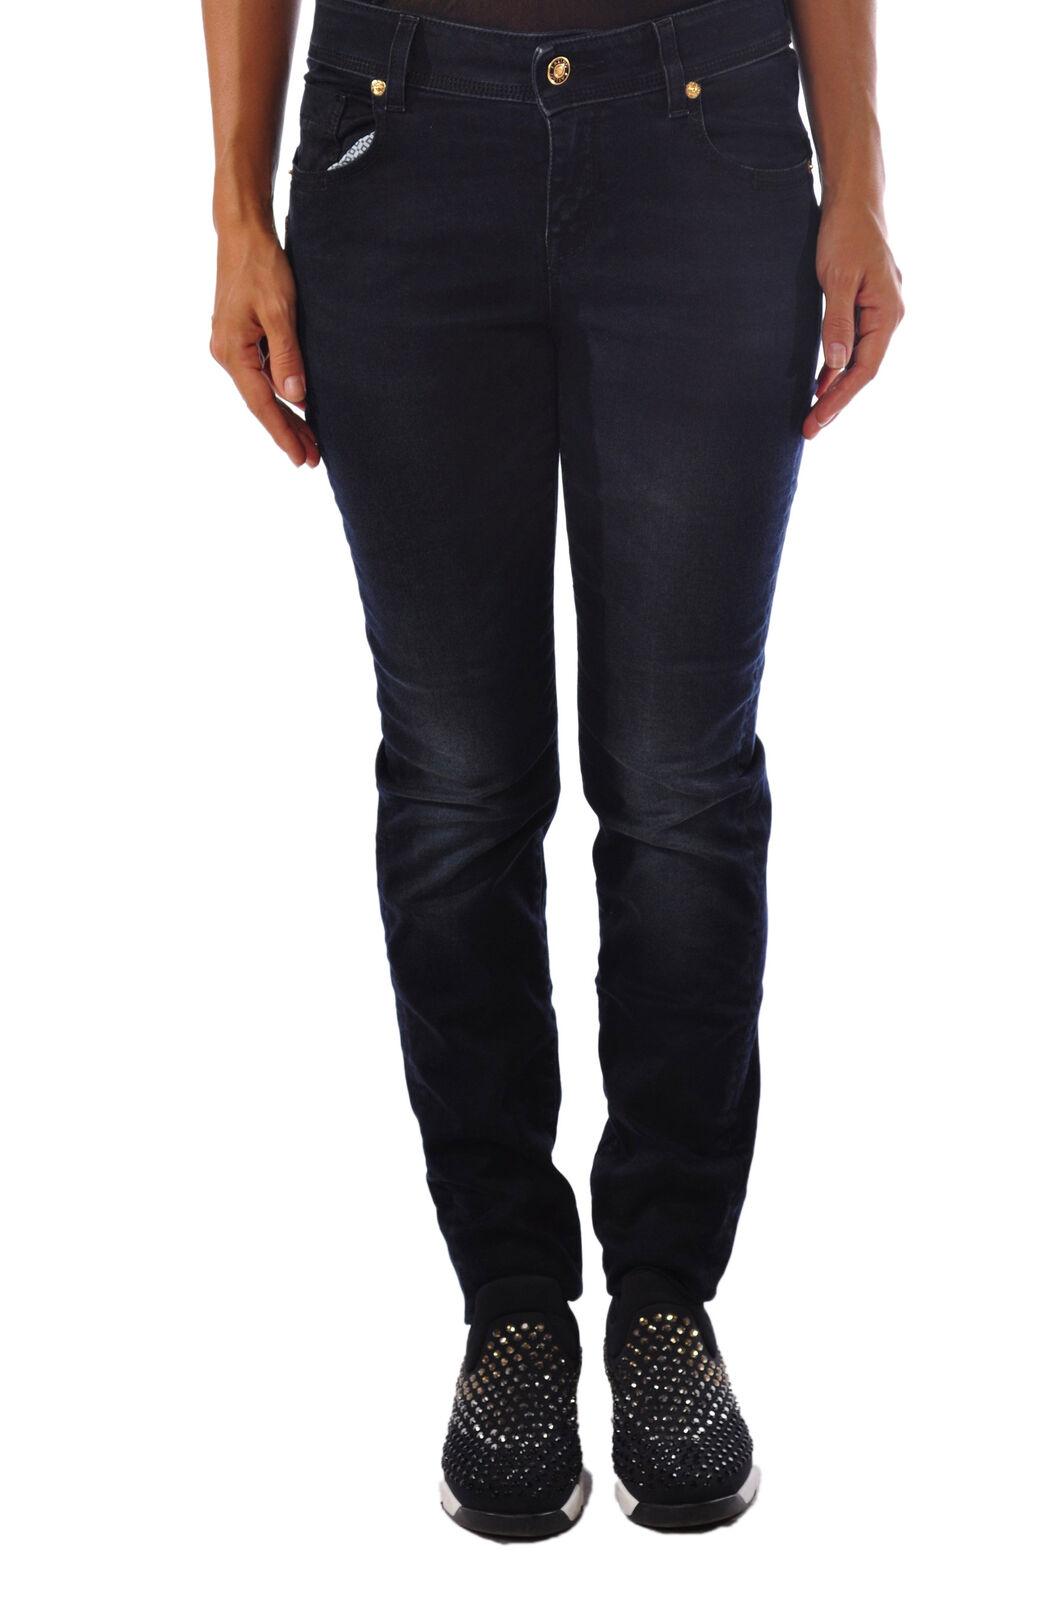 Latinò - Pants-Pants - Woman - Denim - 910902C183810